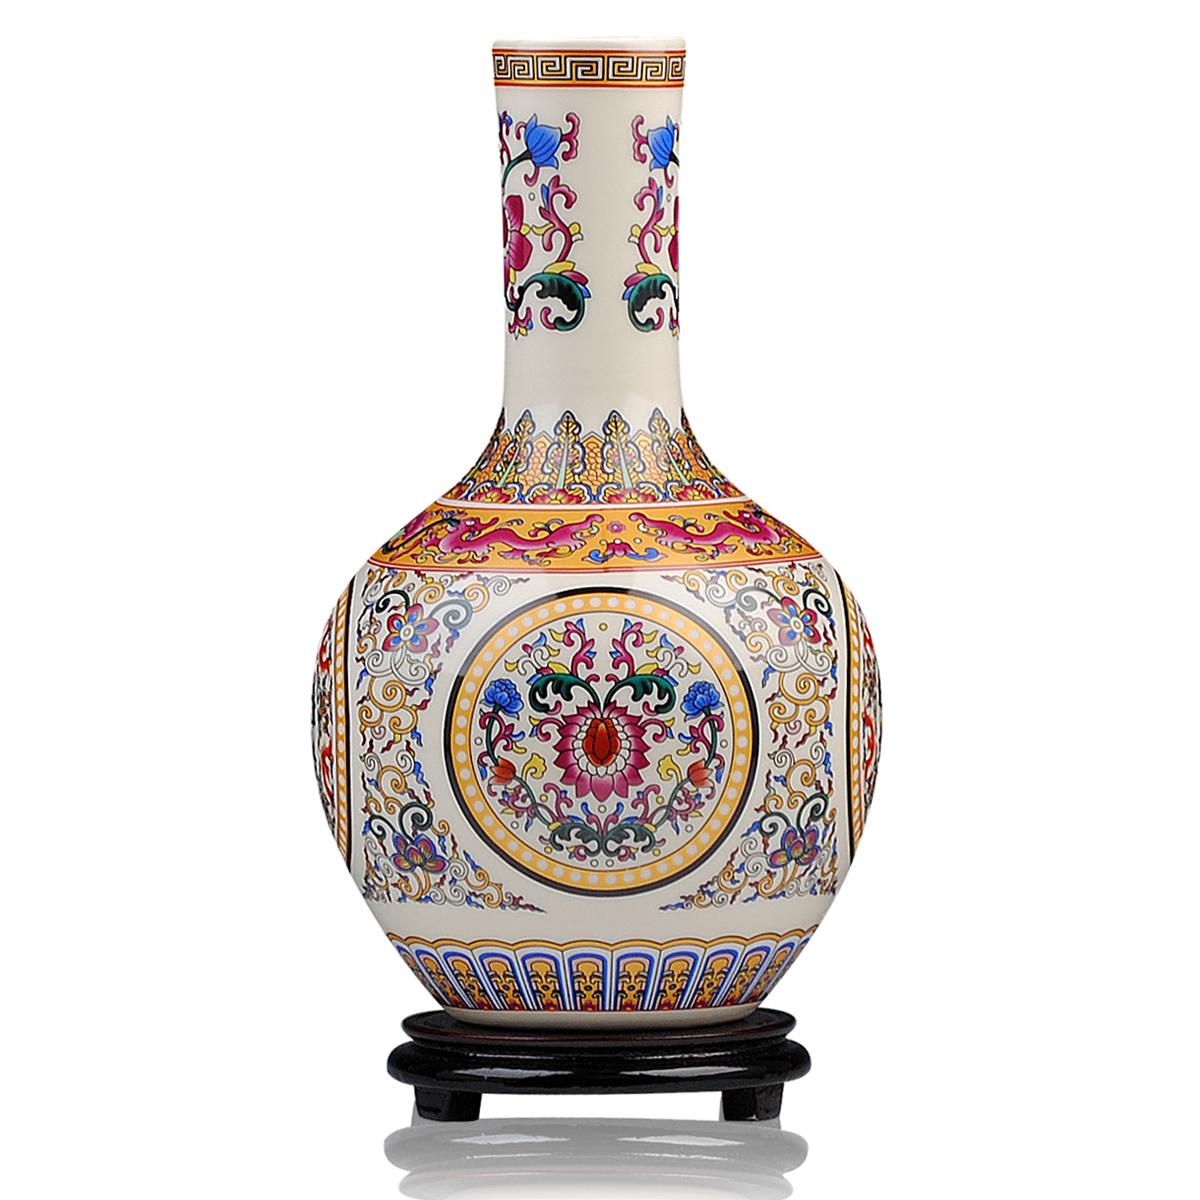 Geel aardewerk vaas promotie winkel voor promoties geel aardewerk vaas op - Decoratie zen kamer ...